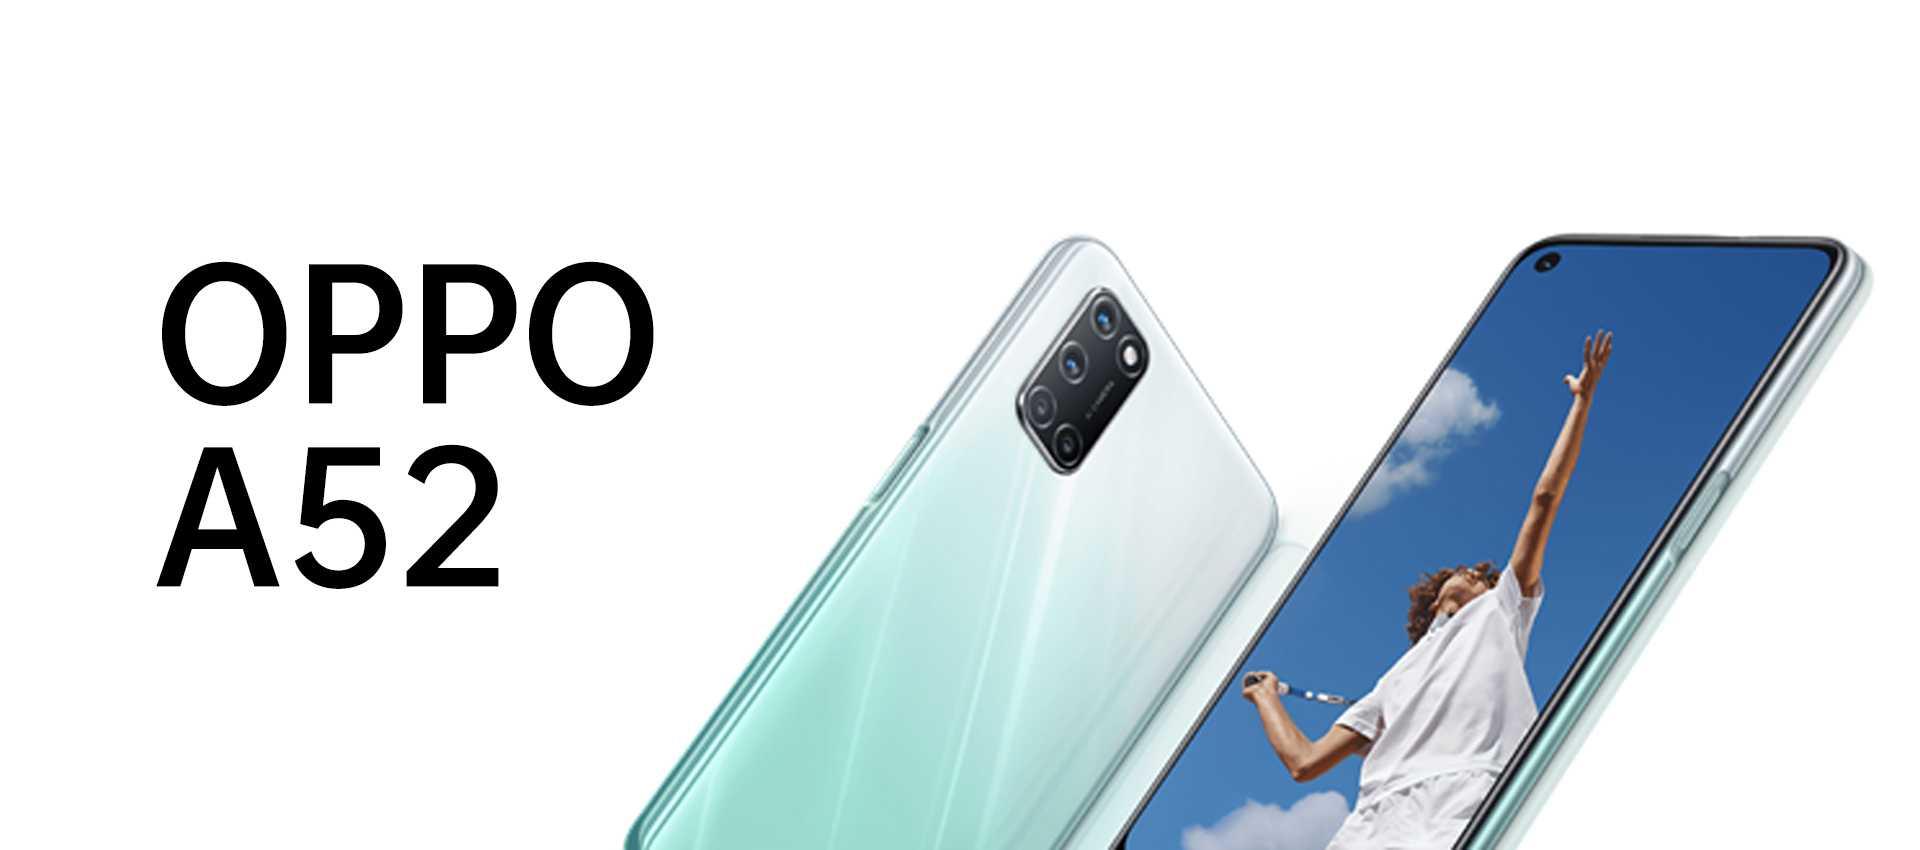 Лучшие смартфоны с аккумулятором 5000 мач и выше 2020: топ-рейтинг